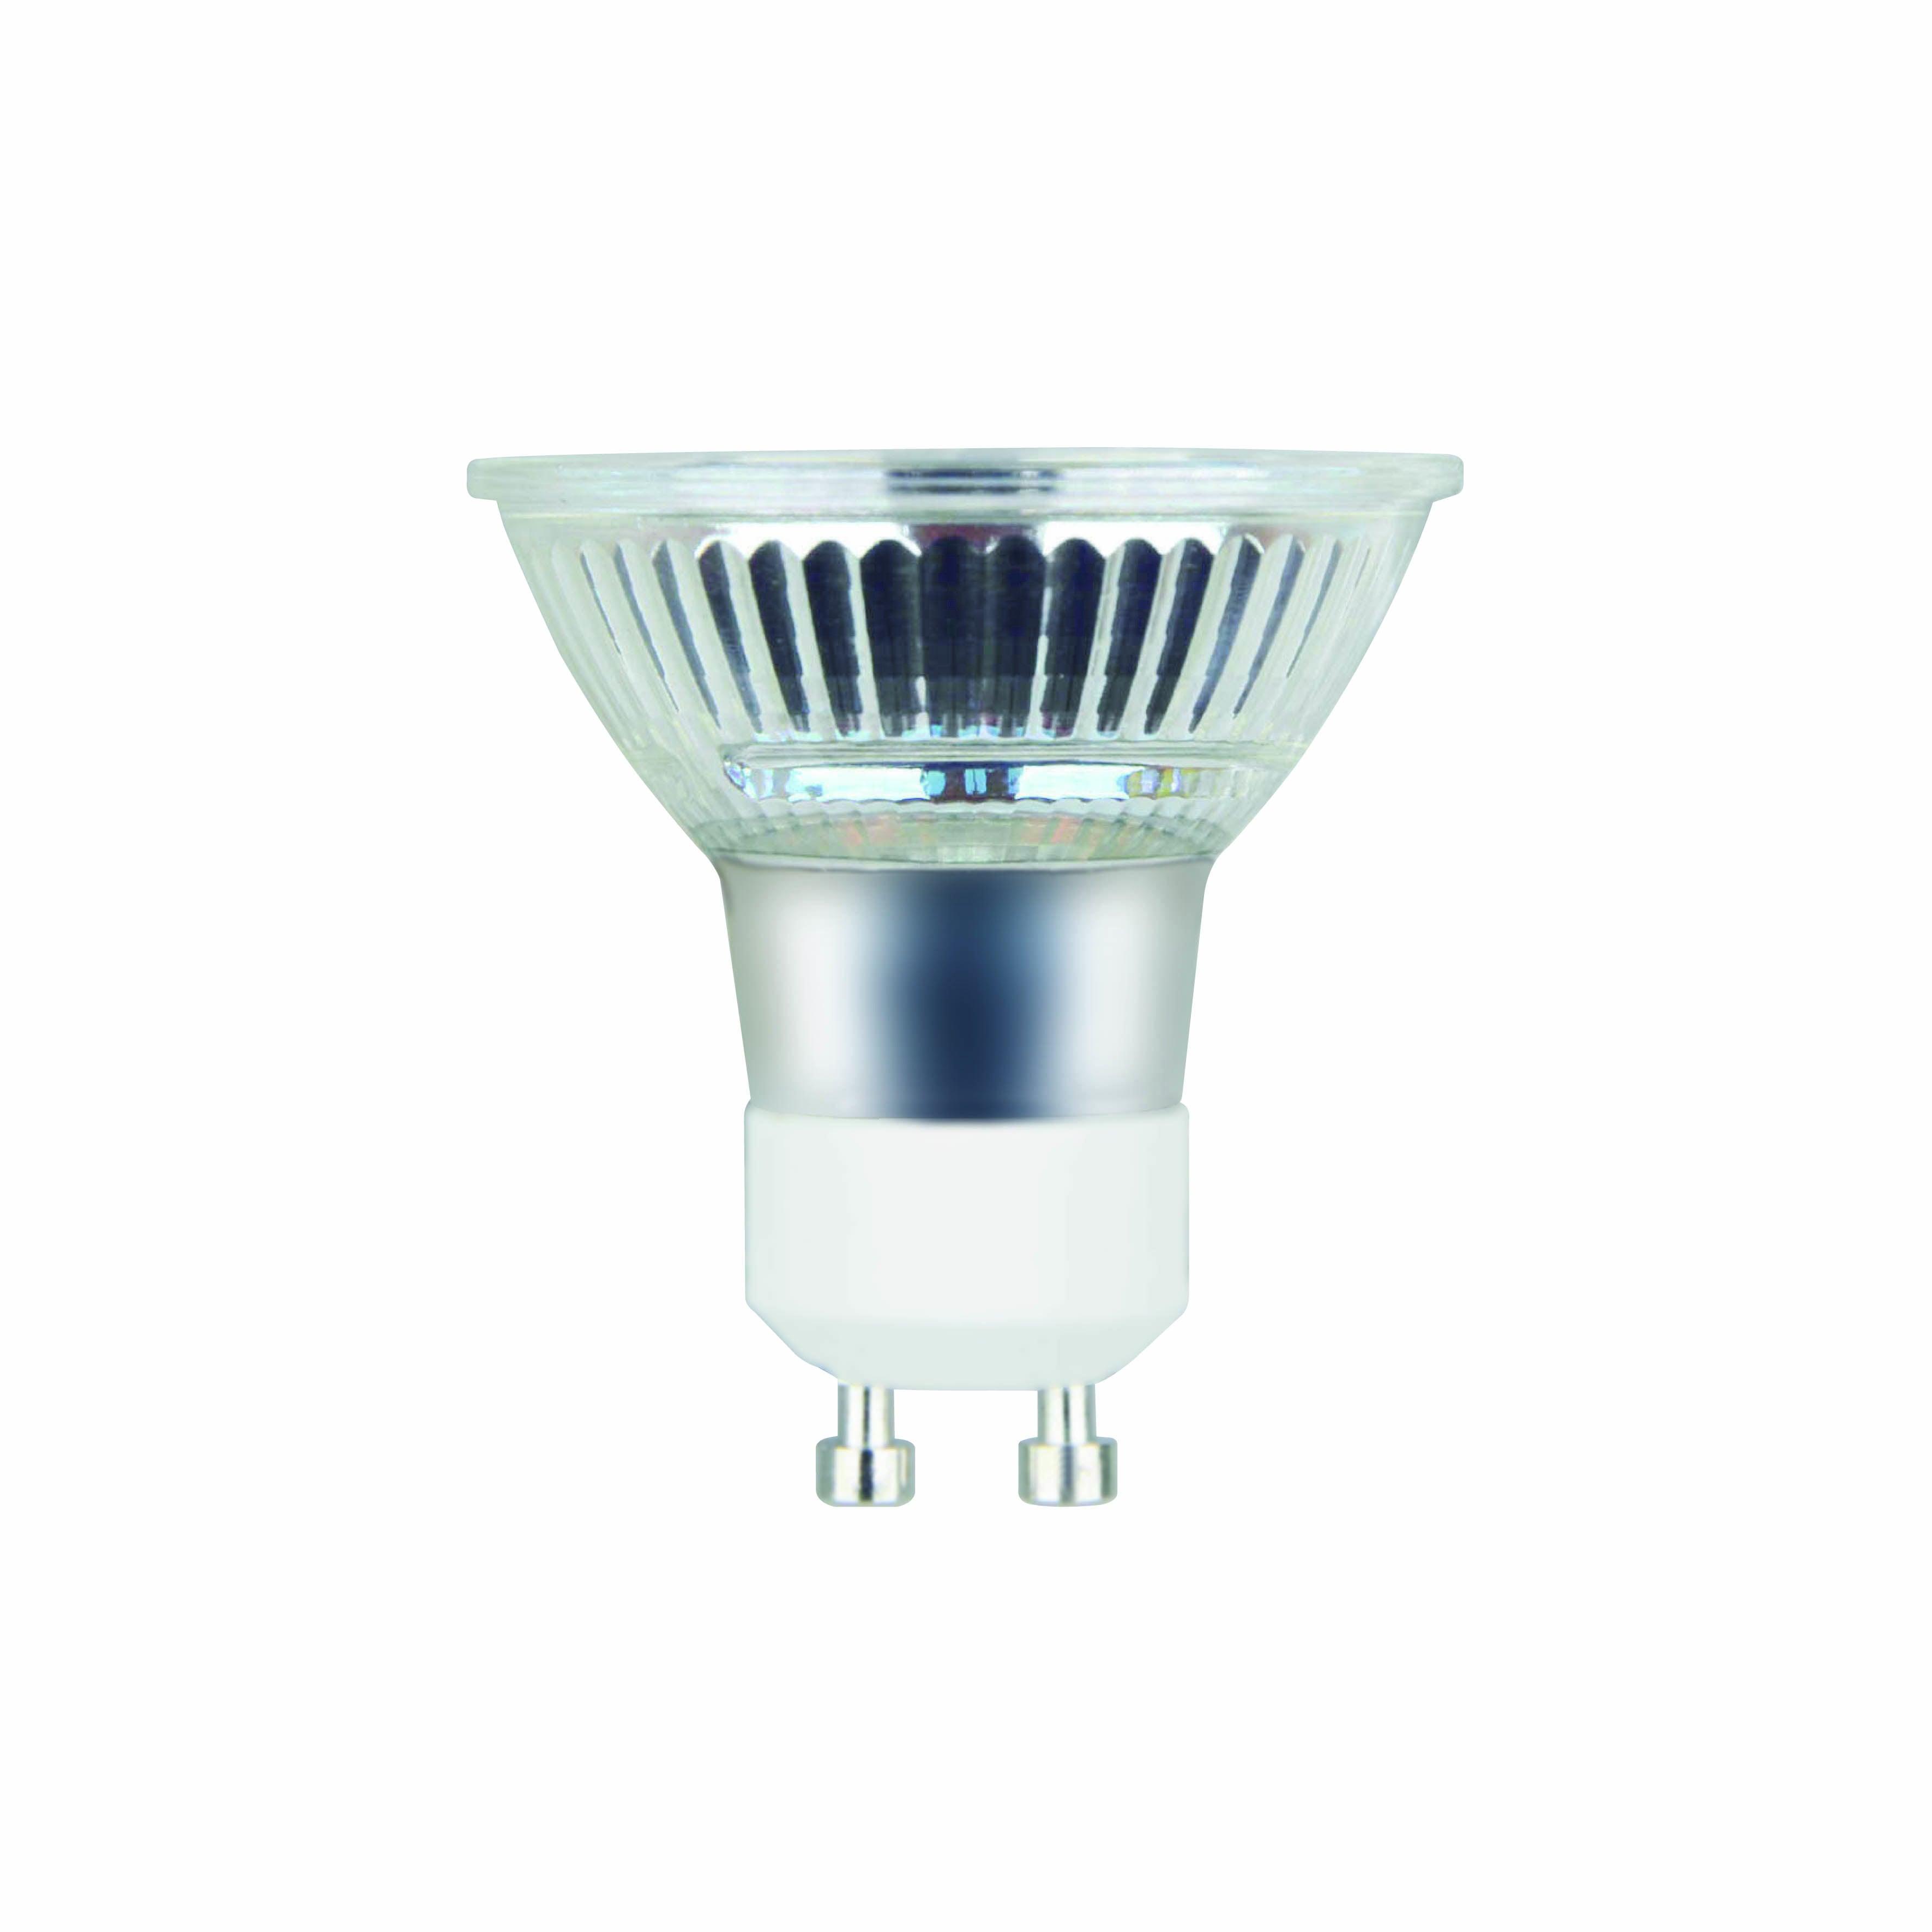 Ampoule Led Gu10 Dimmable Pour Spot 4w 460lm Equiv 50w 4000k 100 Lexman Leroy Merlin